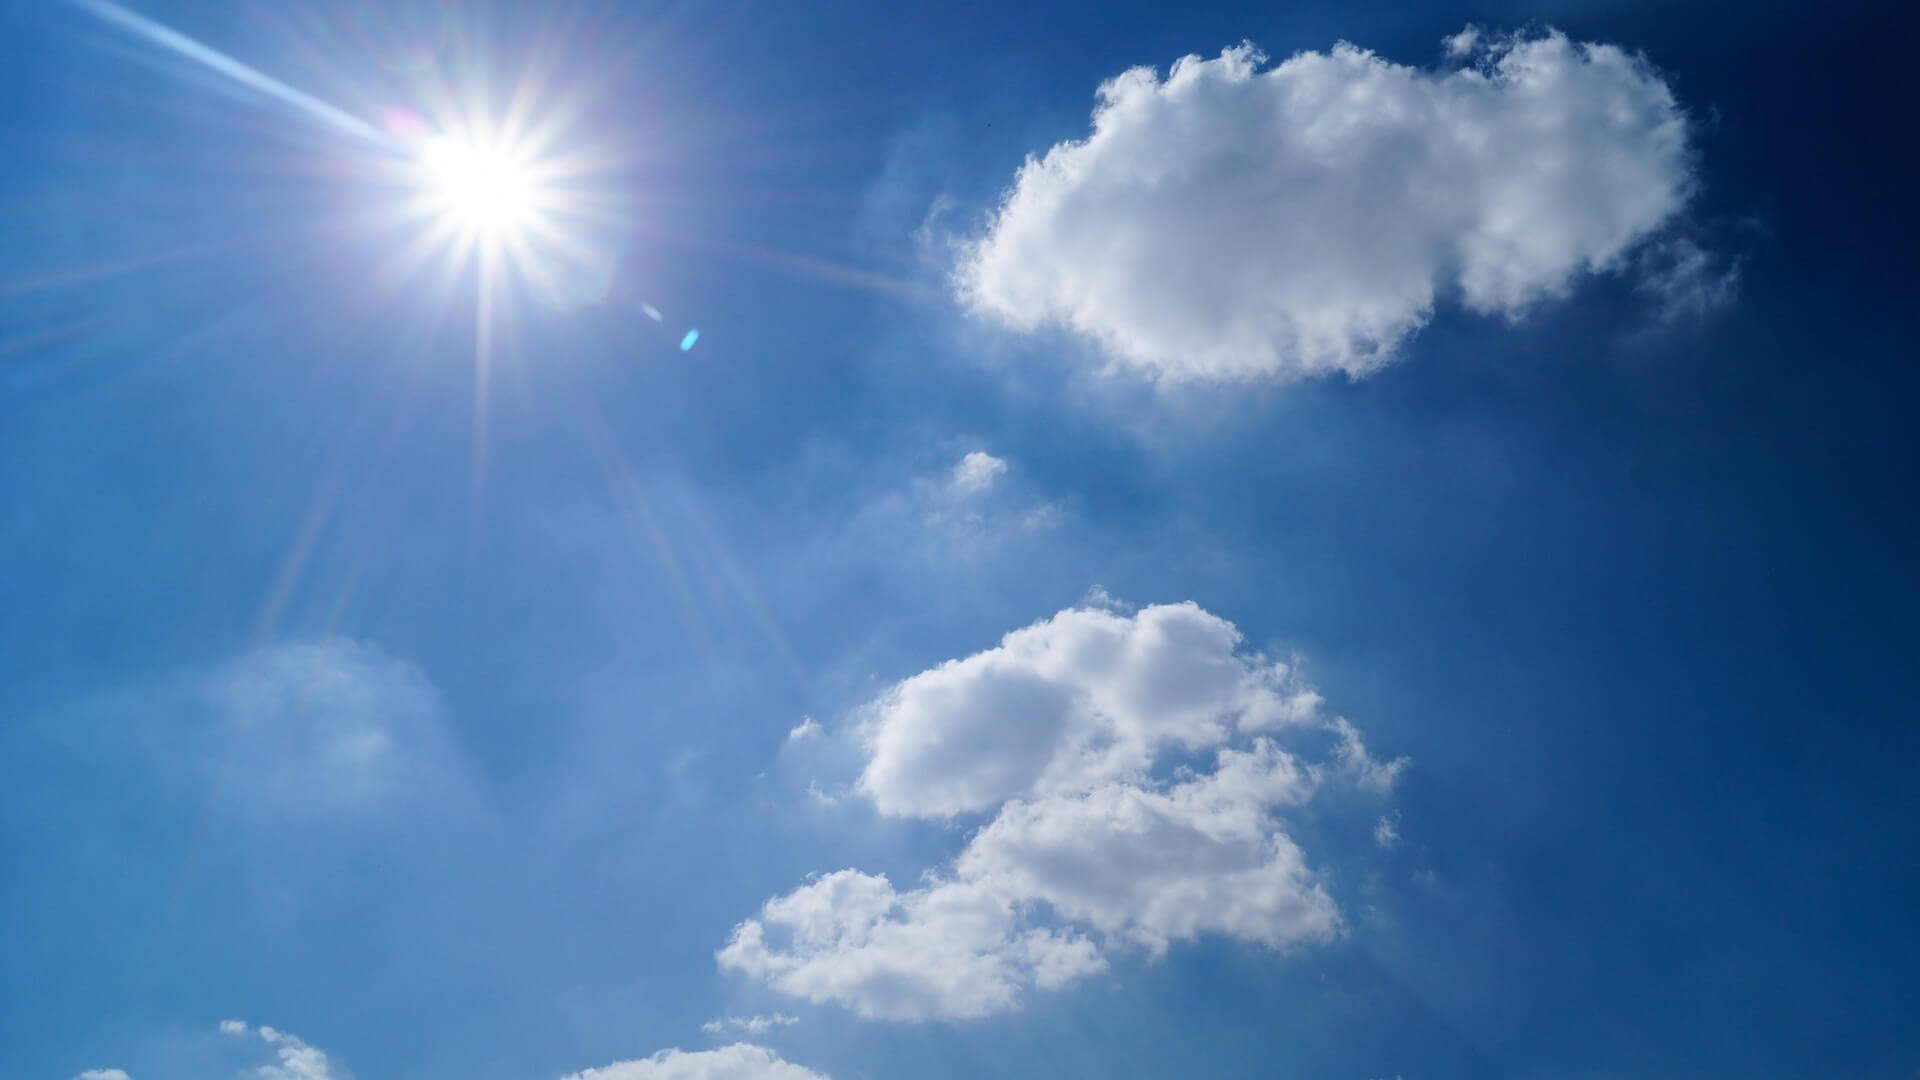 Sonniger Himmel mit einigen Wolken_pexels